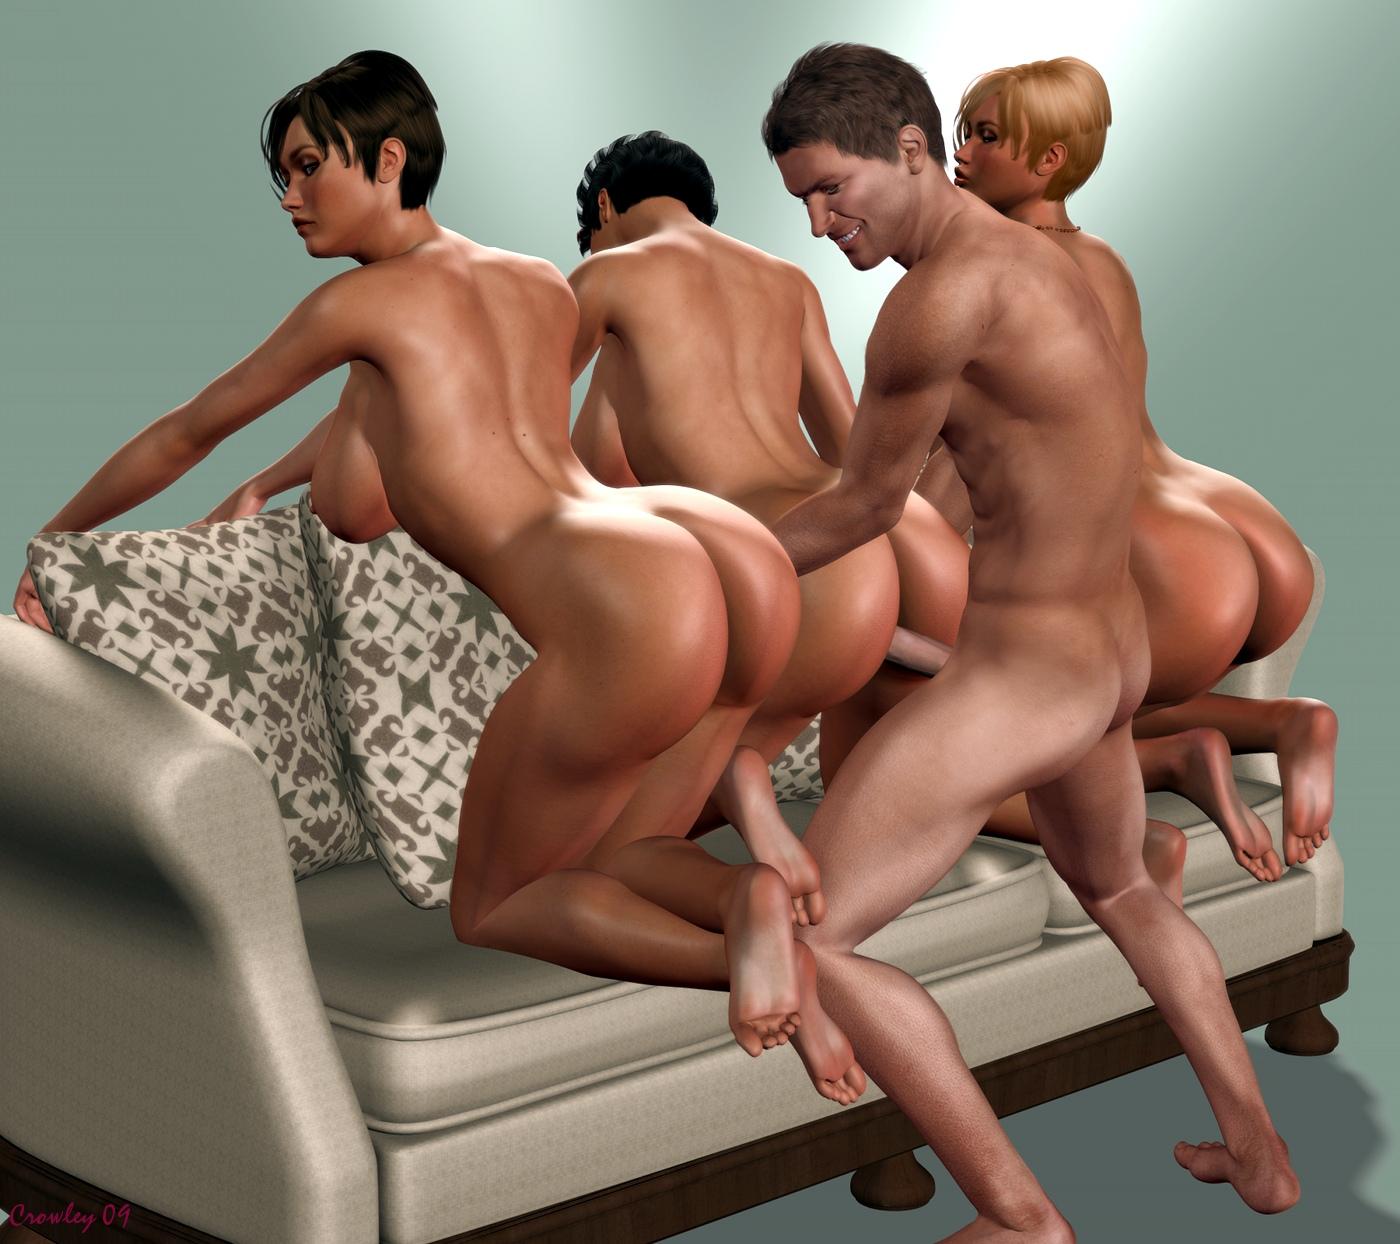 d в 3 рисованное порно